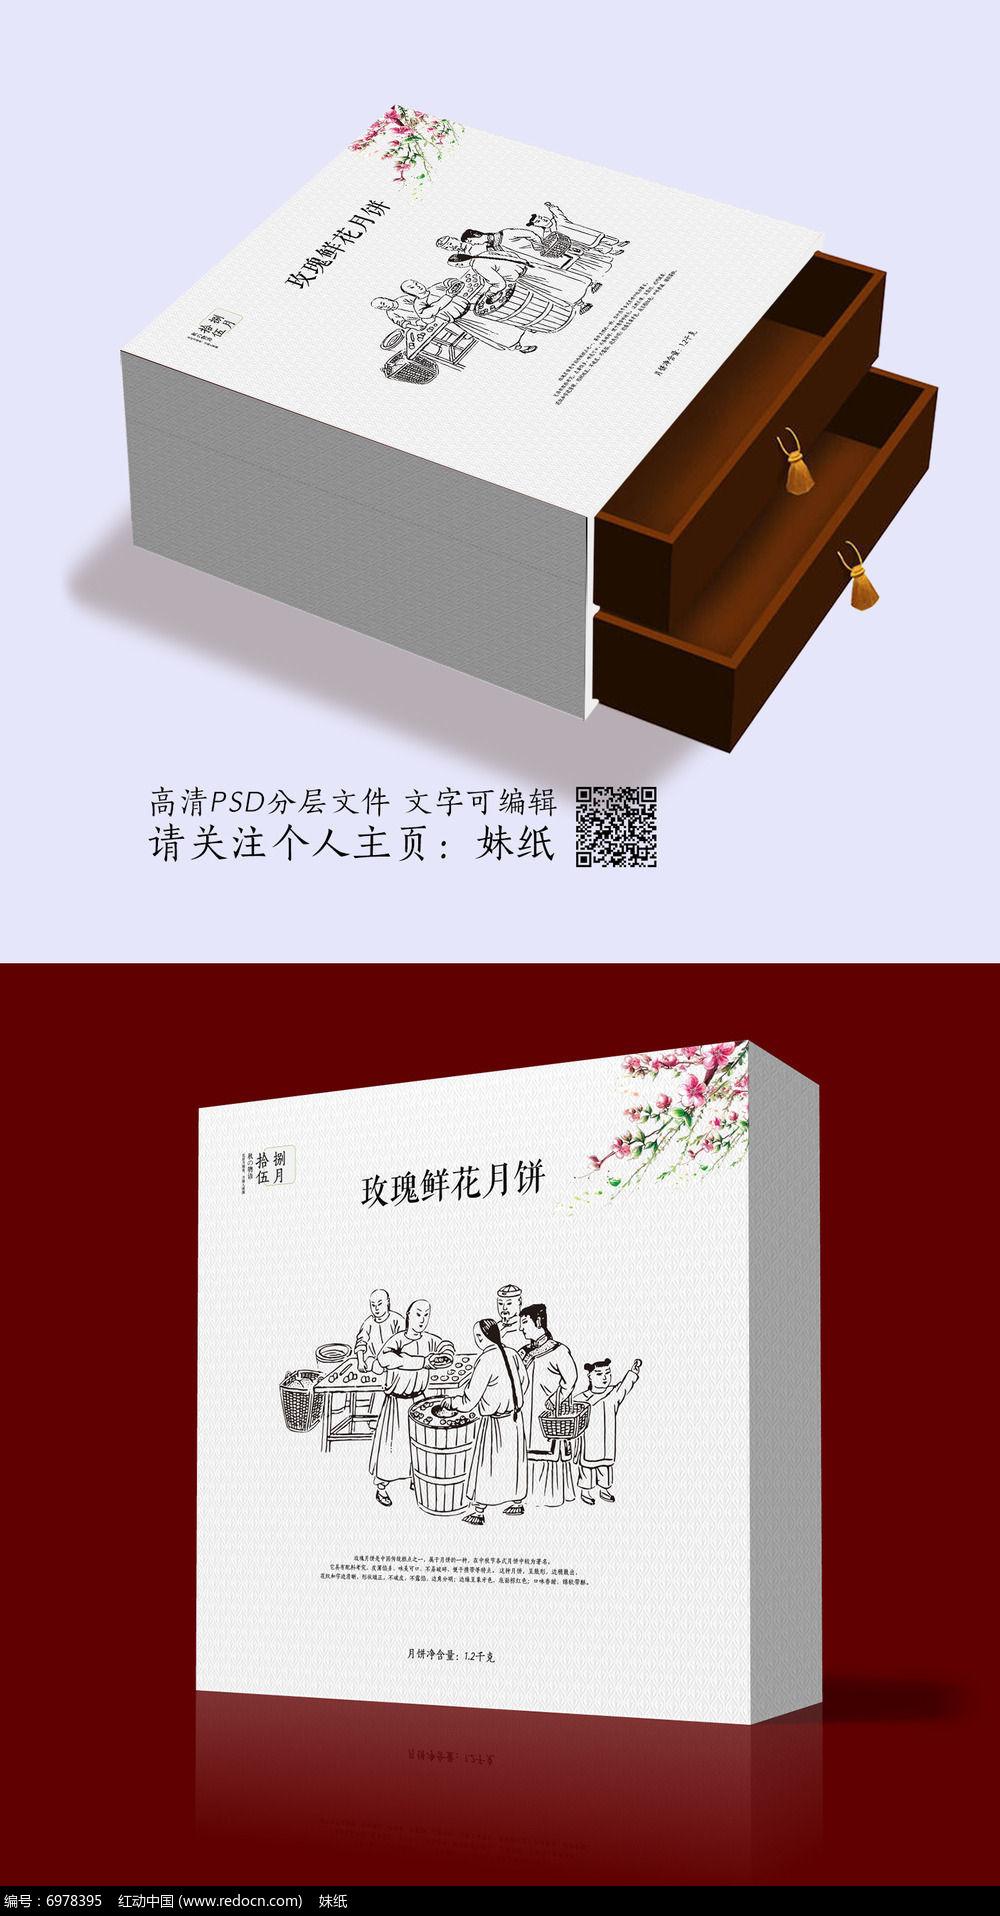 高端典雅月饼包装盒设计素材图片